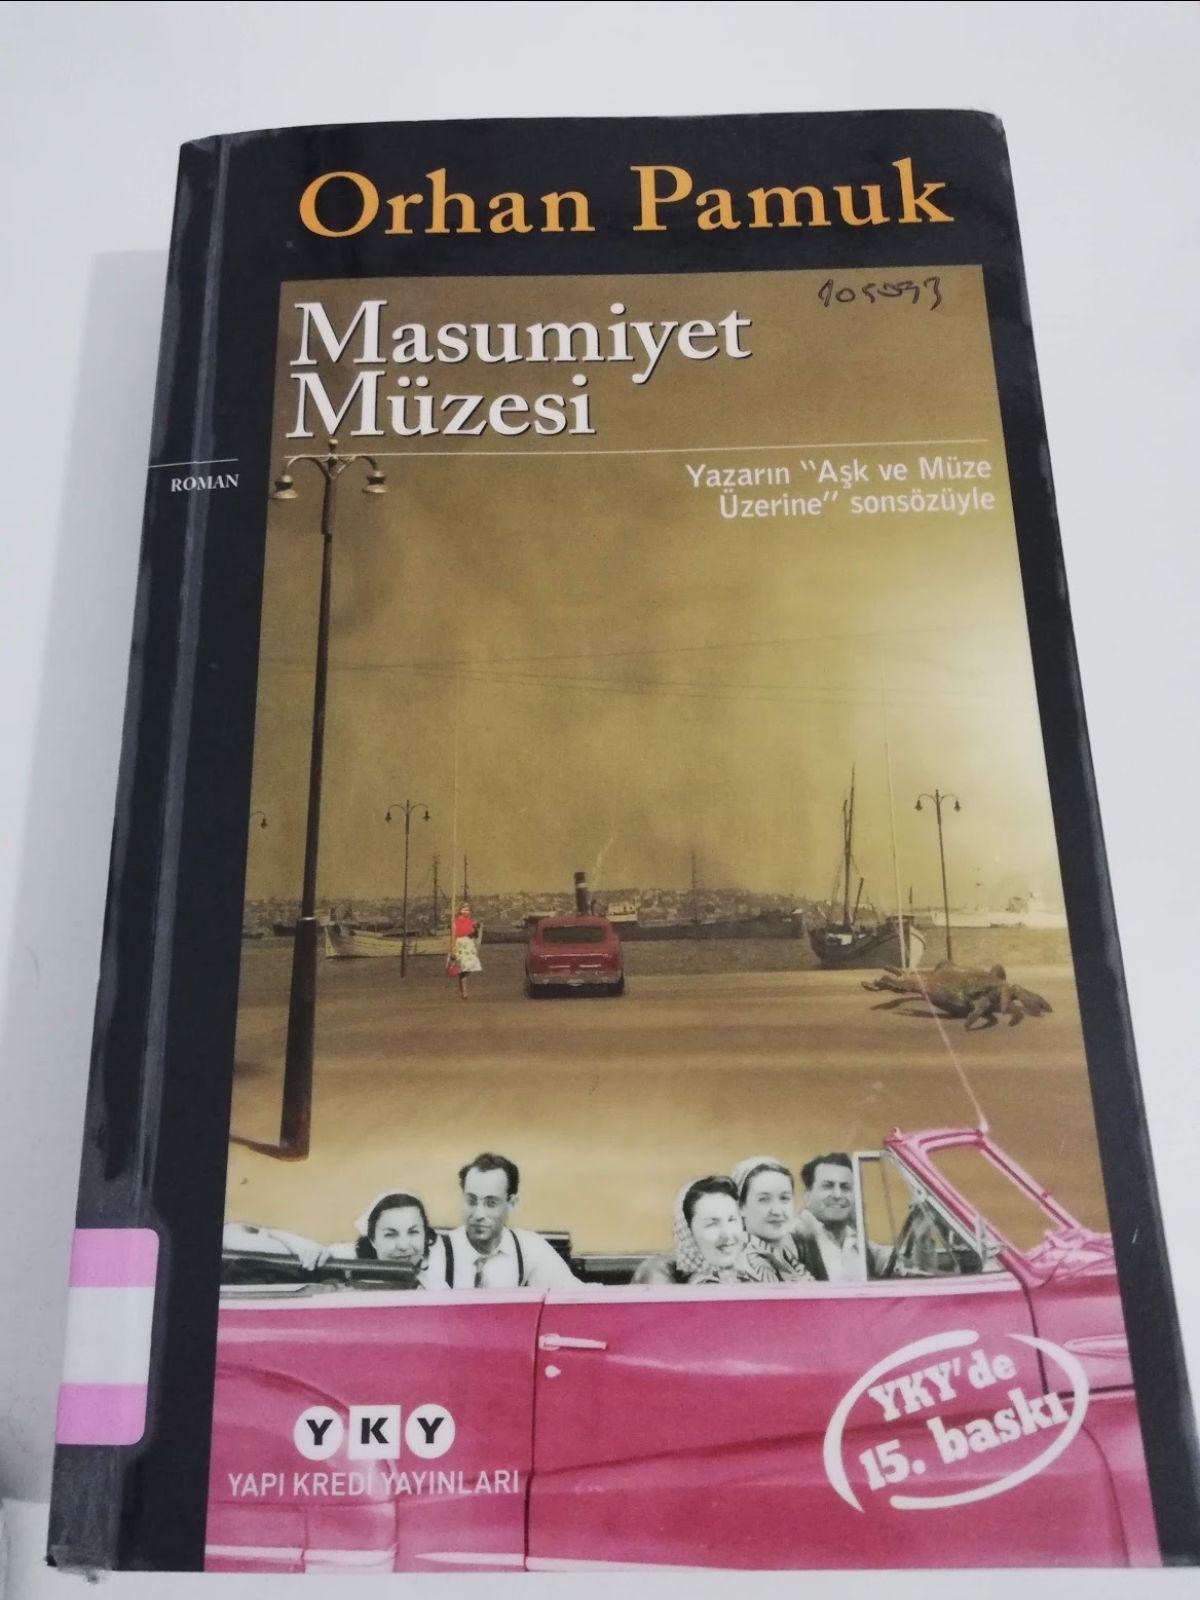 متحف البراءة  The Museum of Innocence أفضل الأماكن السياحية في تقسيم اسطنبول